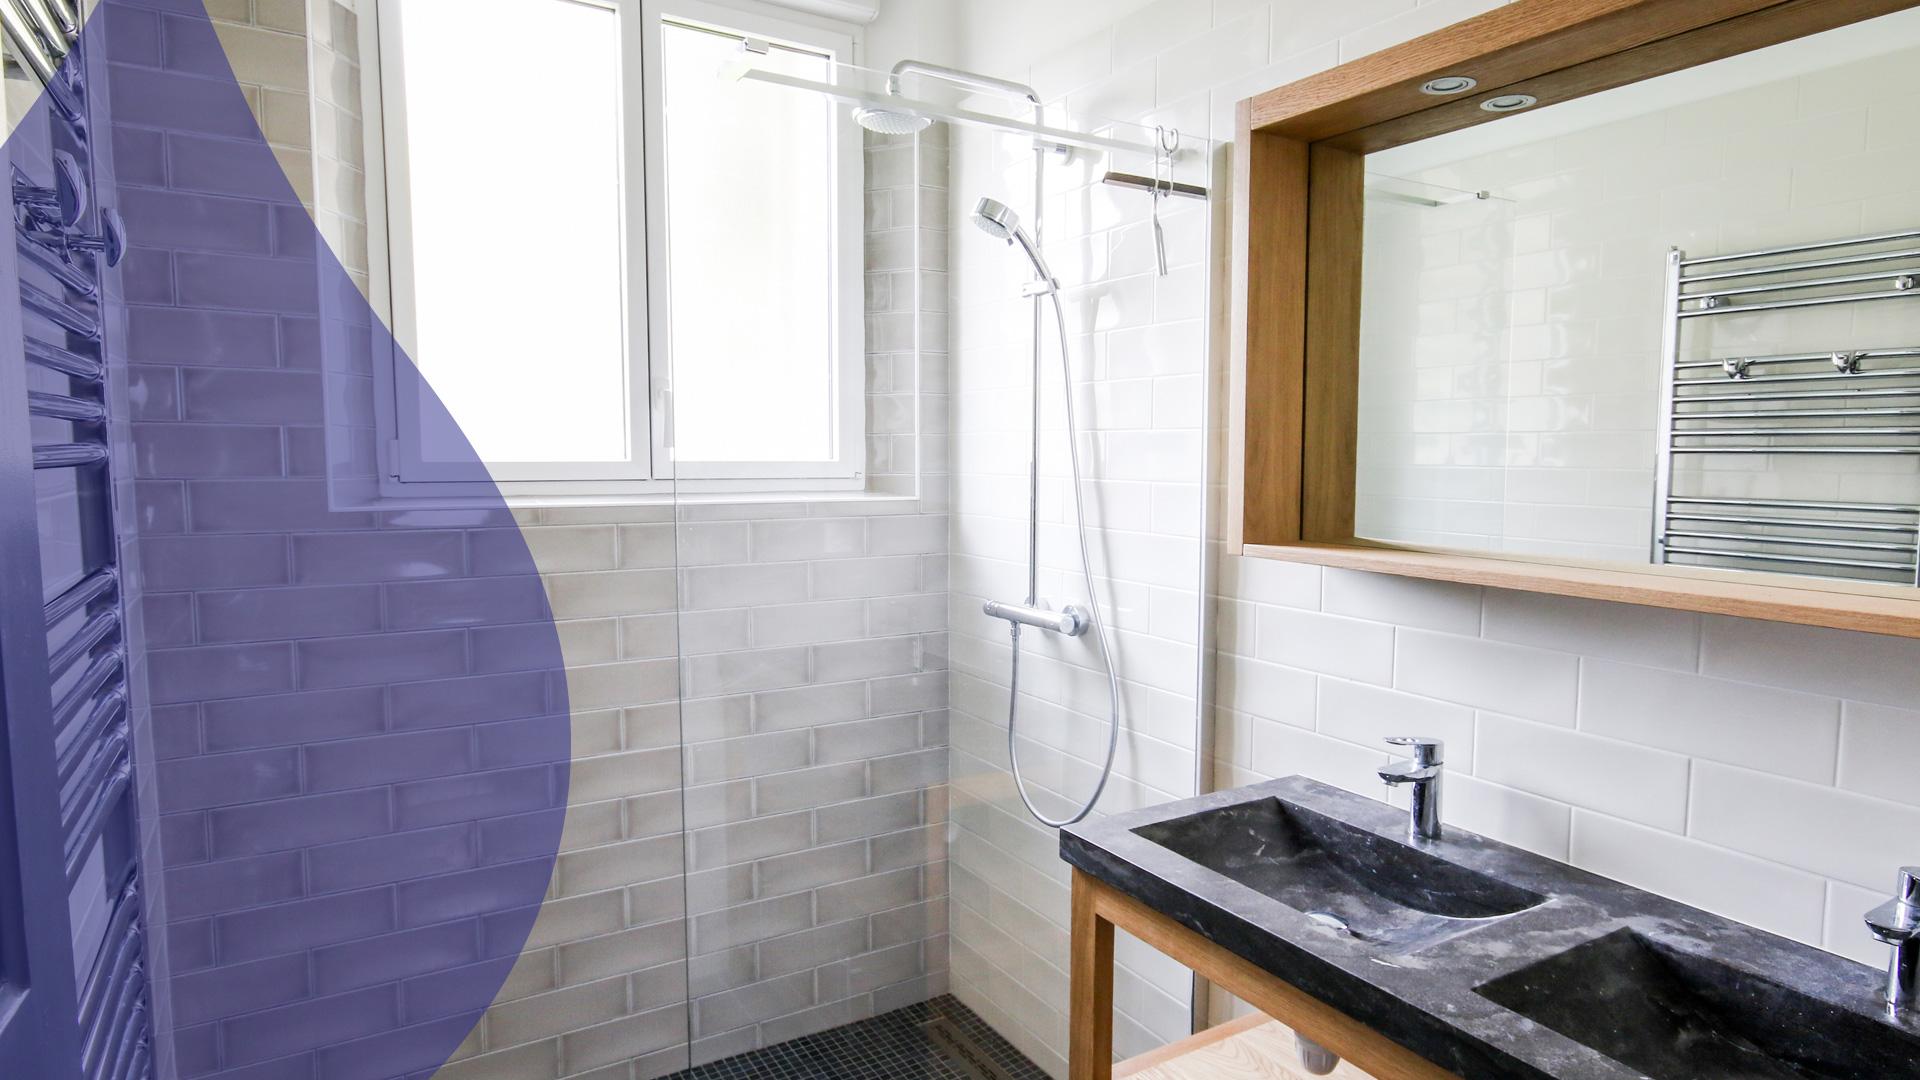 Le Grand - Plombier Chauffagiste - Rénovation de salle de bain à